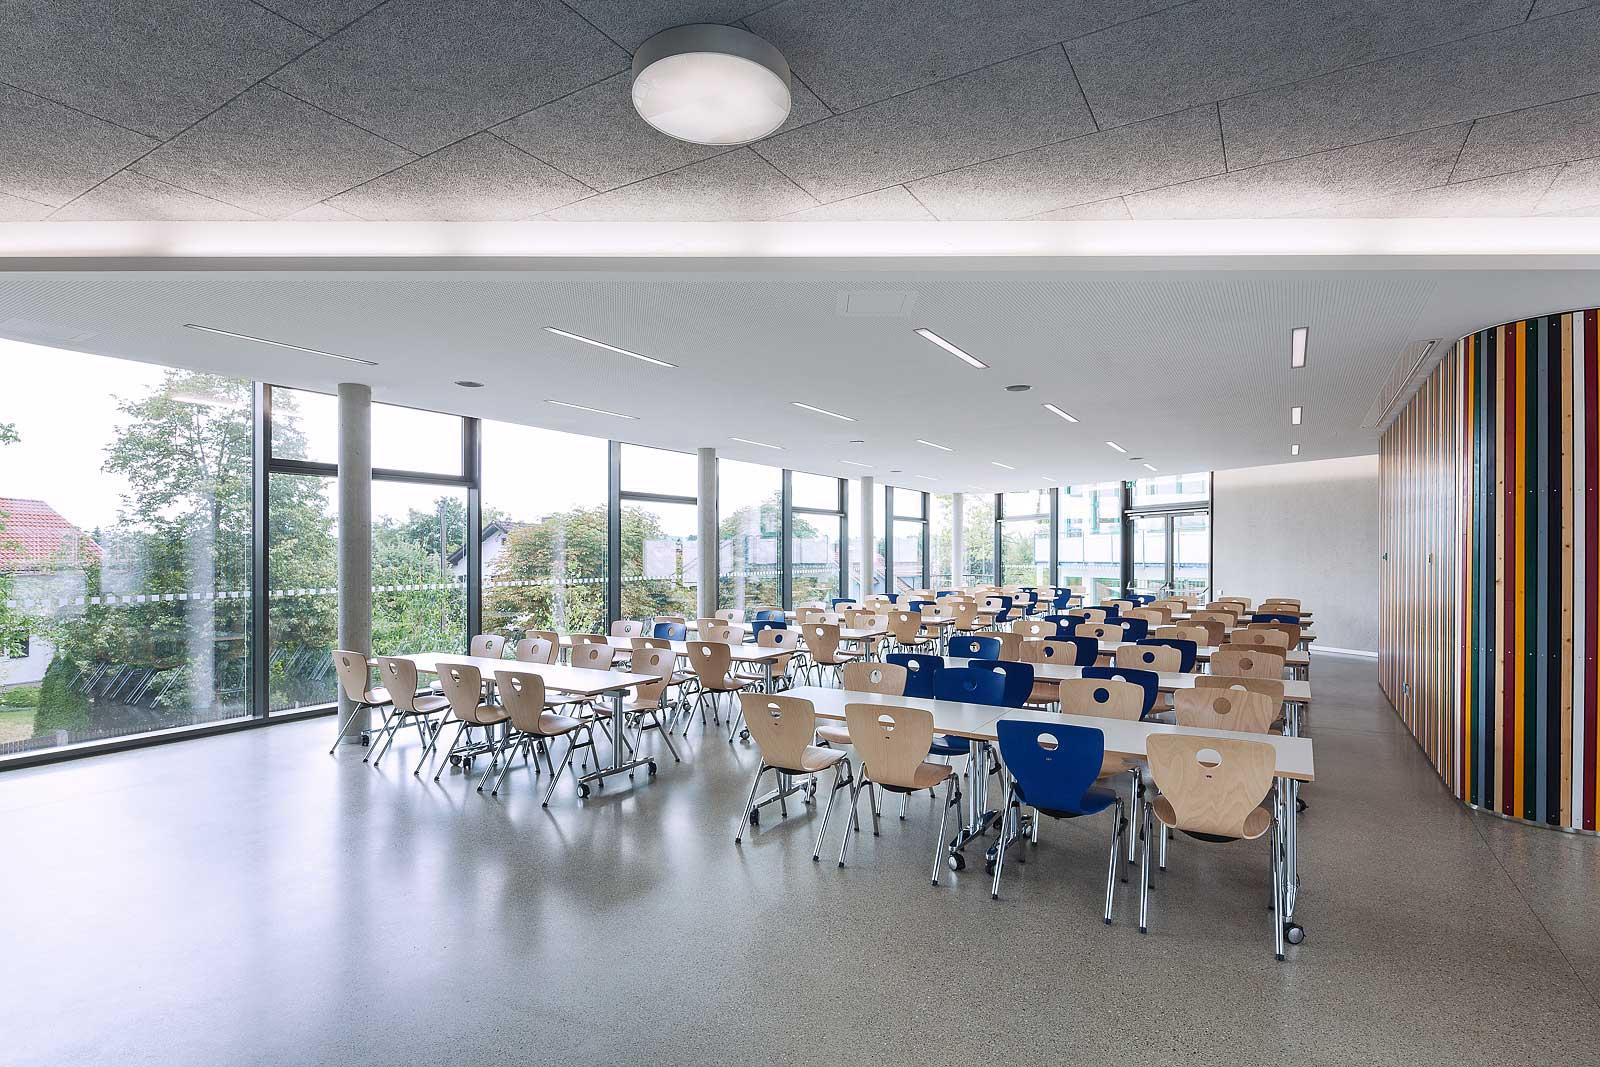 München Architekturfotograf, Innenansicht, Architektur, Fotoaufnahmen